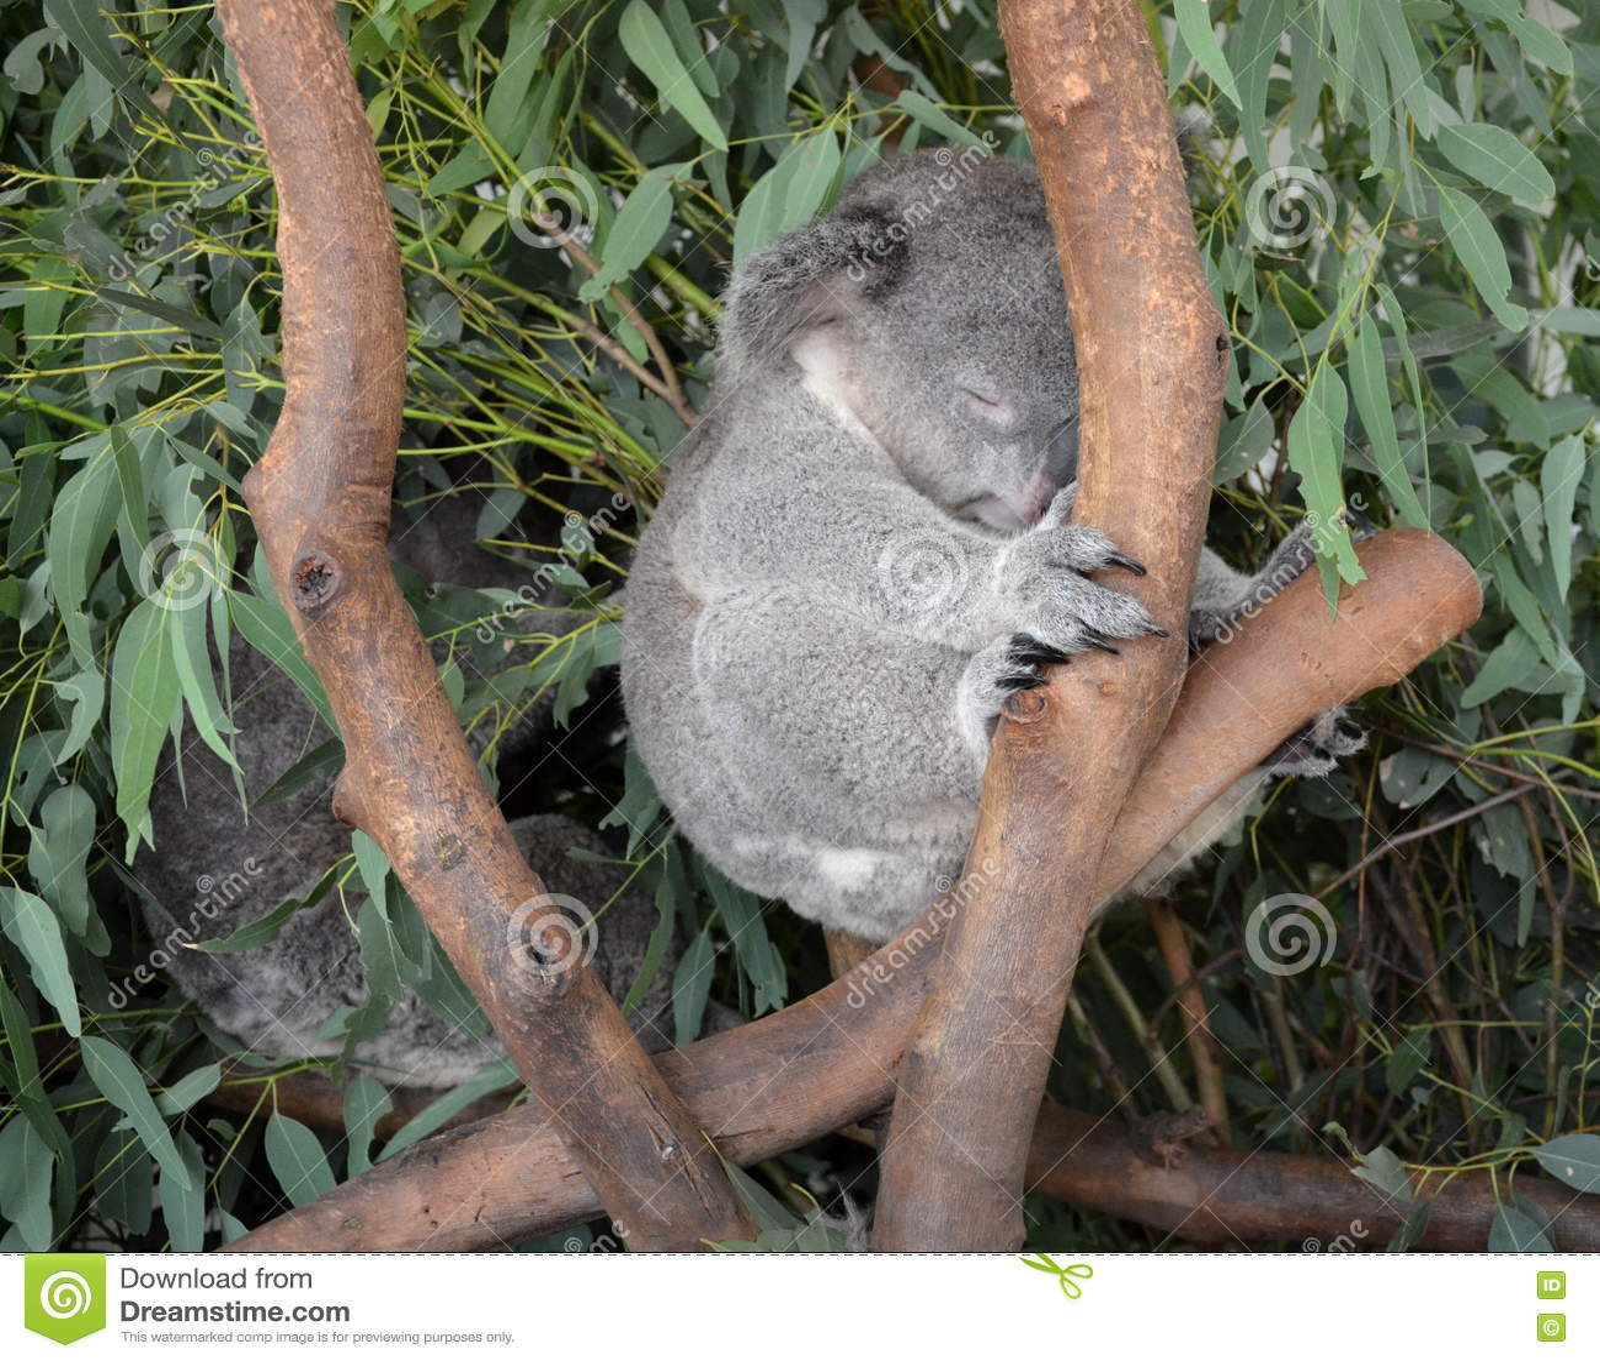 koala de sommeil se reposant sur une branche d'arbre d'eucalyptus